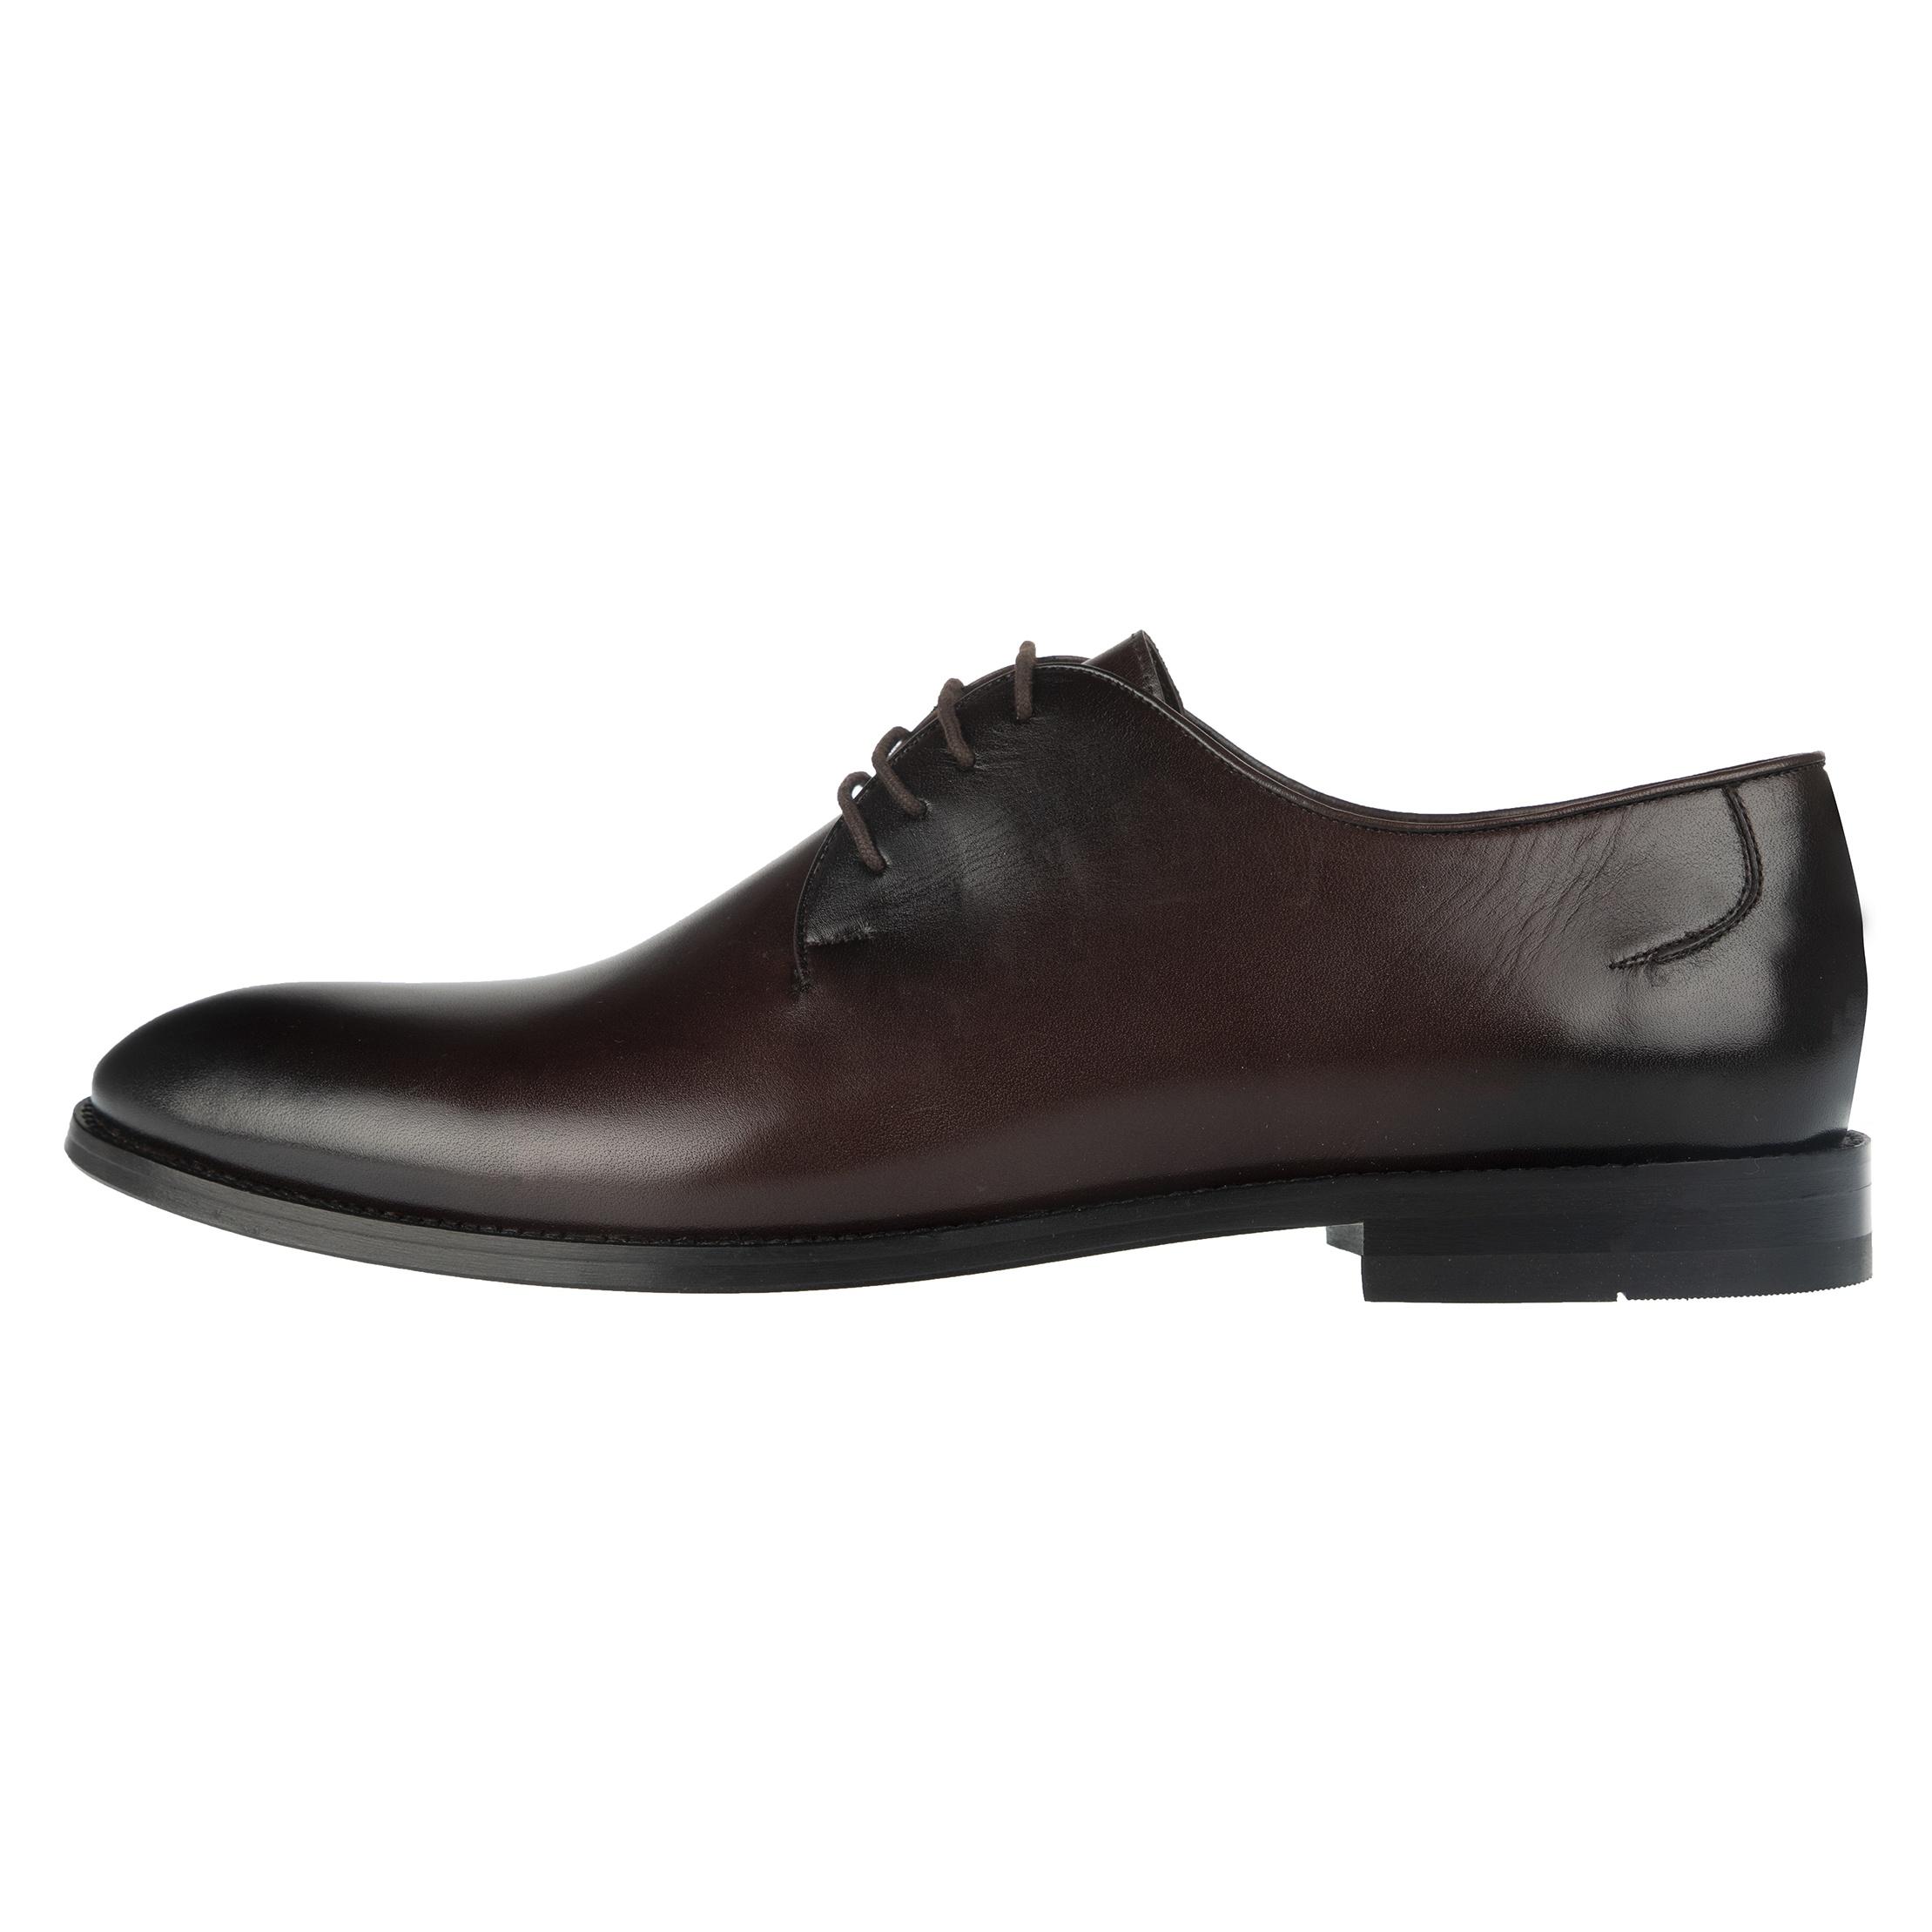 کفش مردانه گاندو مدل 404-35